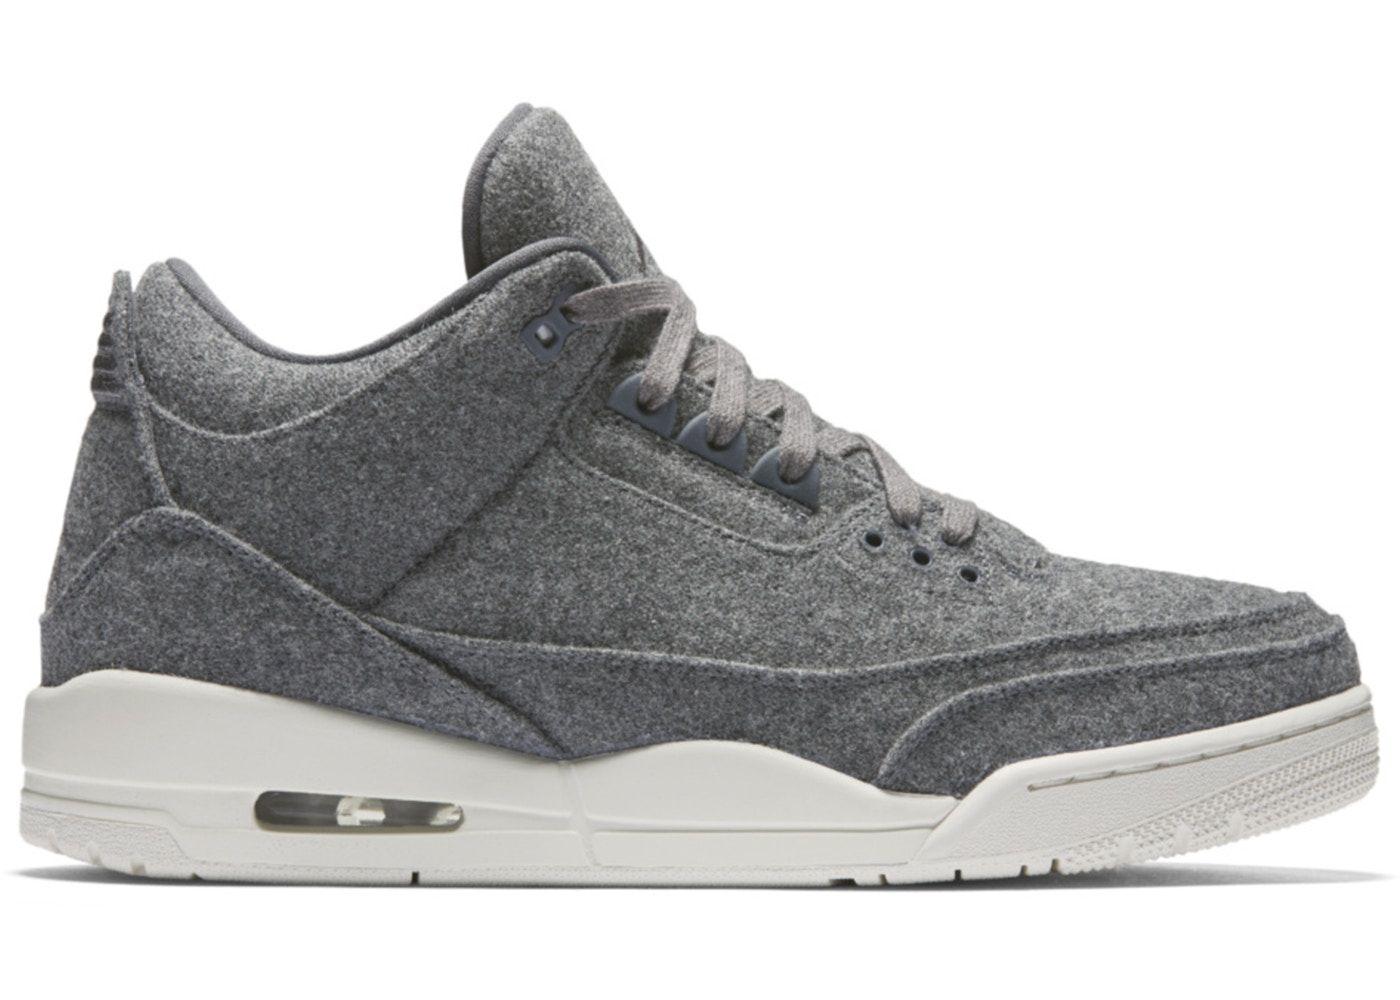 bf455447 Jordan 3 Retro Wool in 2019 | Coming Soon | Air jordans, Jordans ...